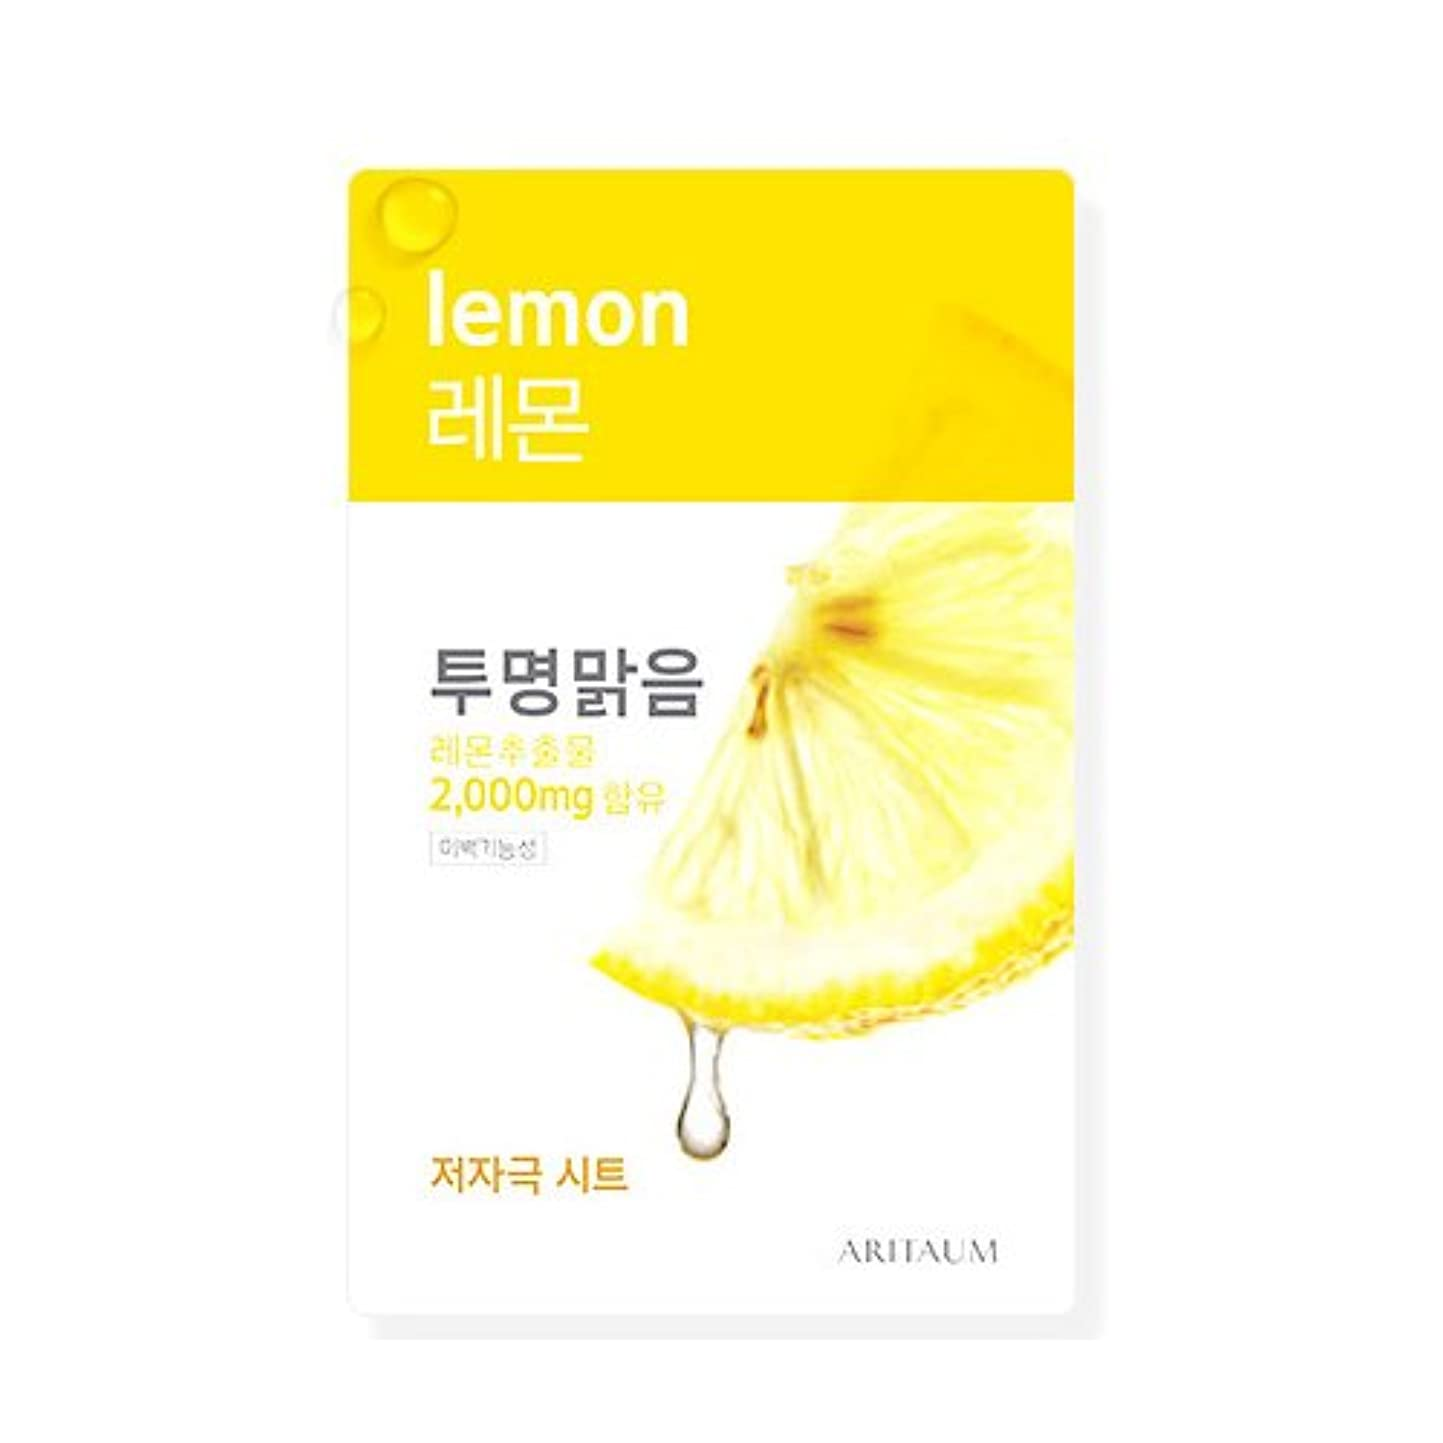 オープニングスラック請求可能Aritaum(アリタウム)フレッシュ エッセンス マスク(1回分×10枚セット)種類:レモン